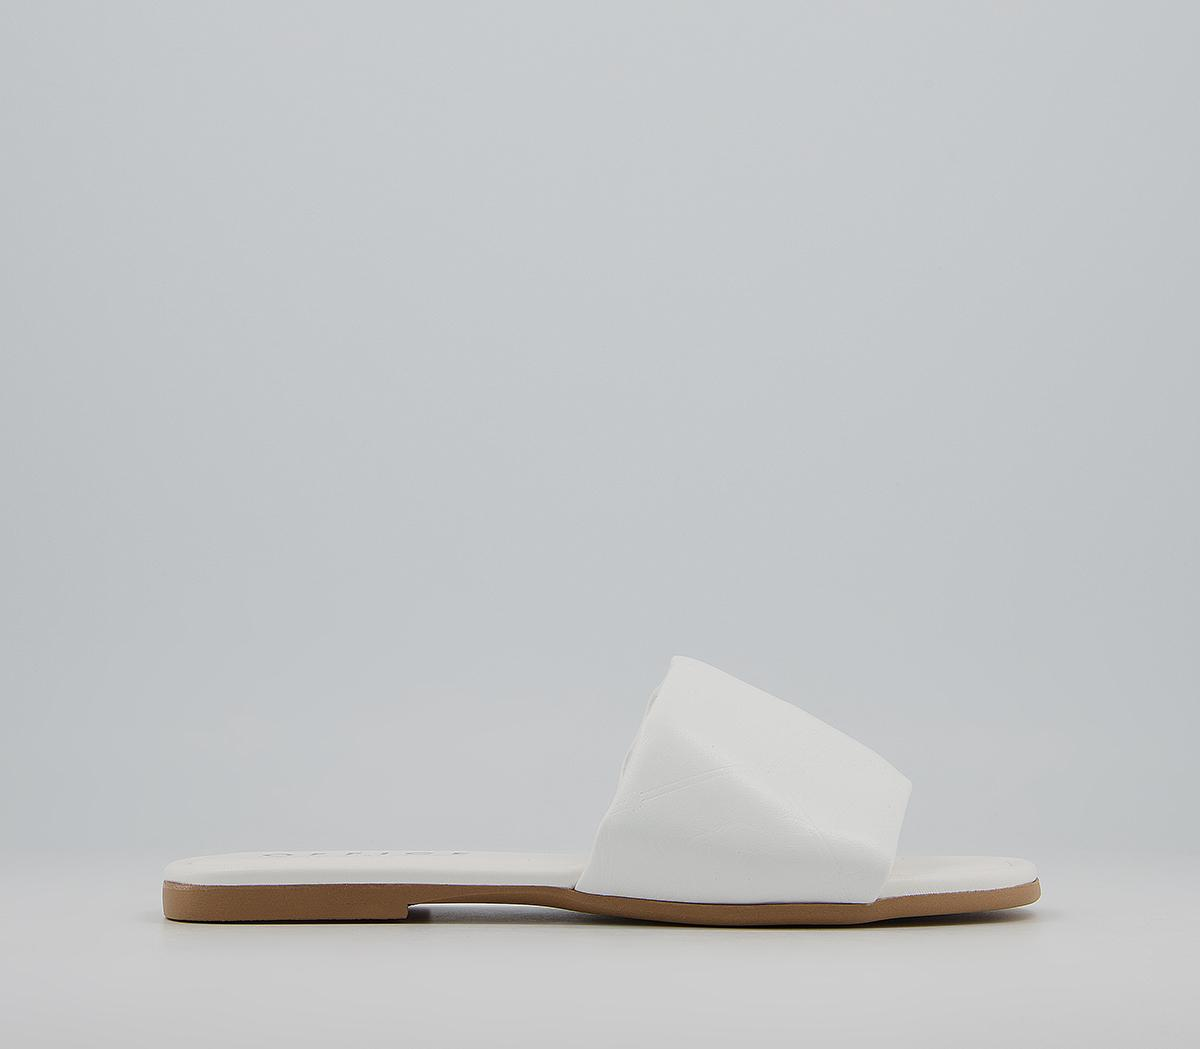 Solstice Mule Sandals